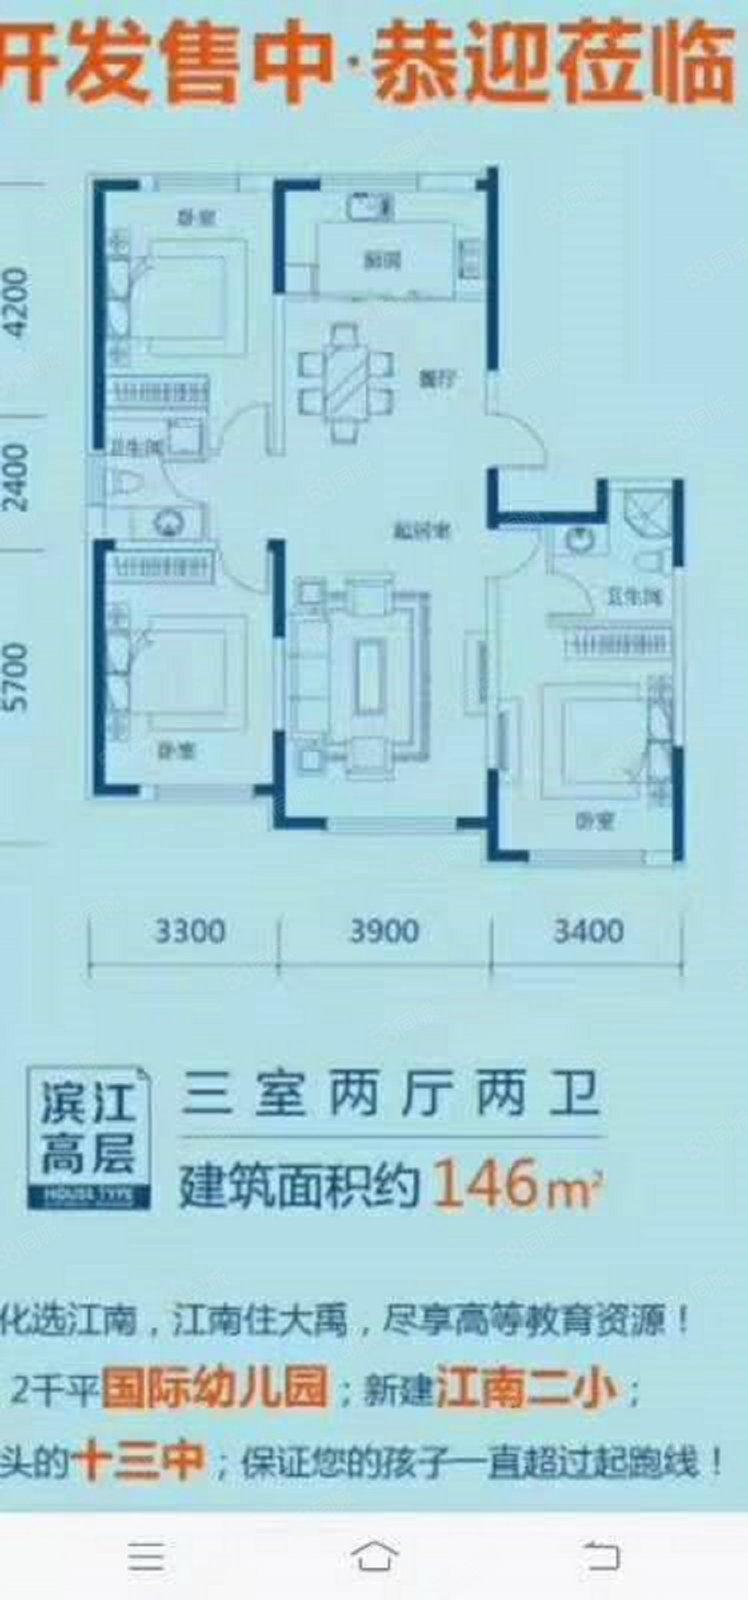 江景大禹城邦26号楼31楼共33层毛坯5625一平3室期房